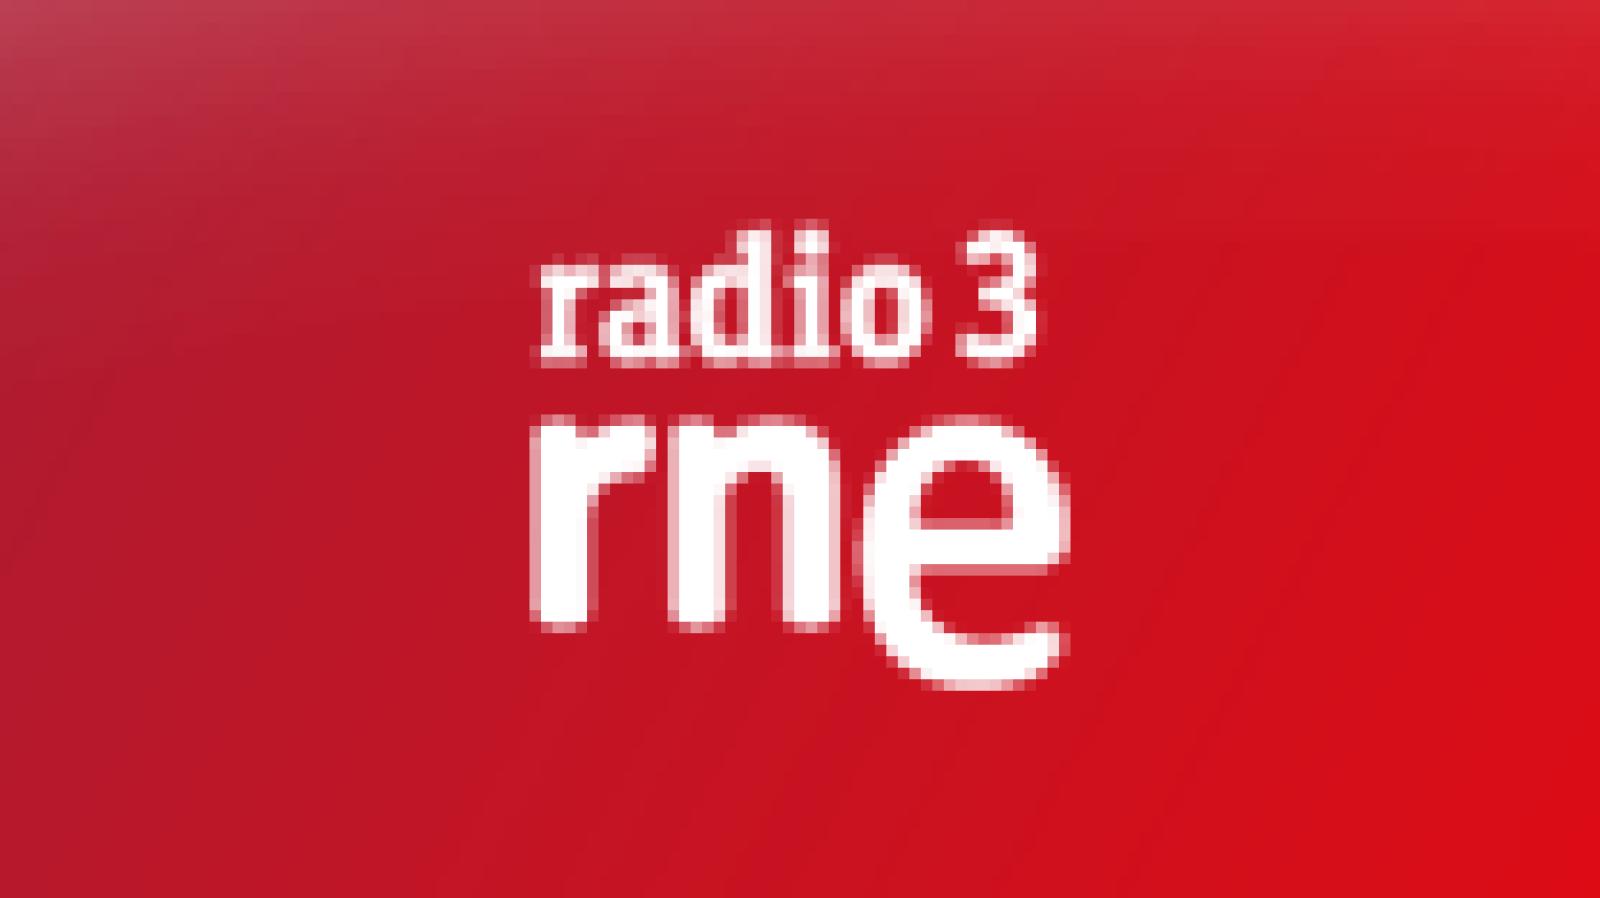 Carne cruda - Próxima Estación: Fermín Muguruza - 14/11/11 - Escuchar ahora